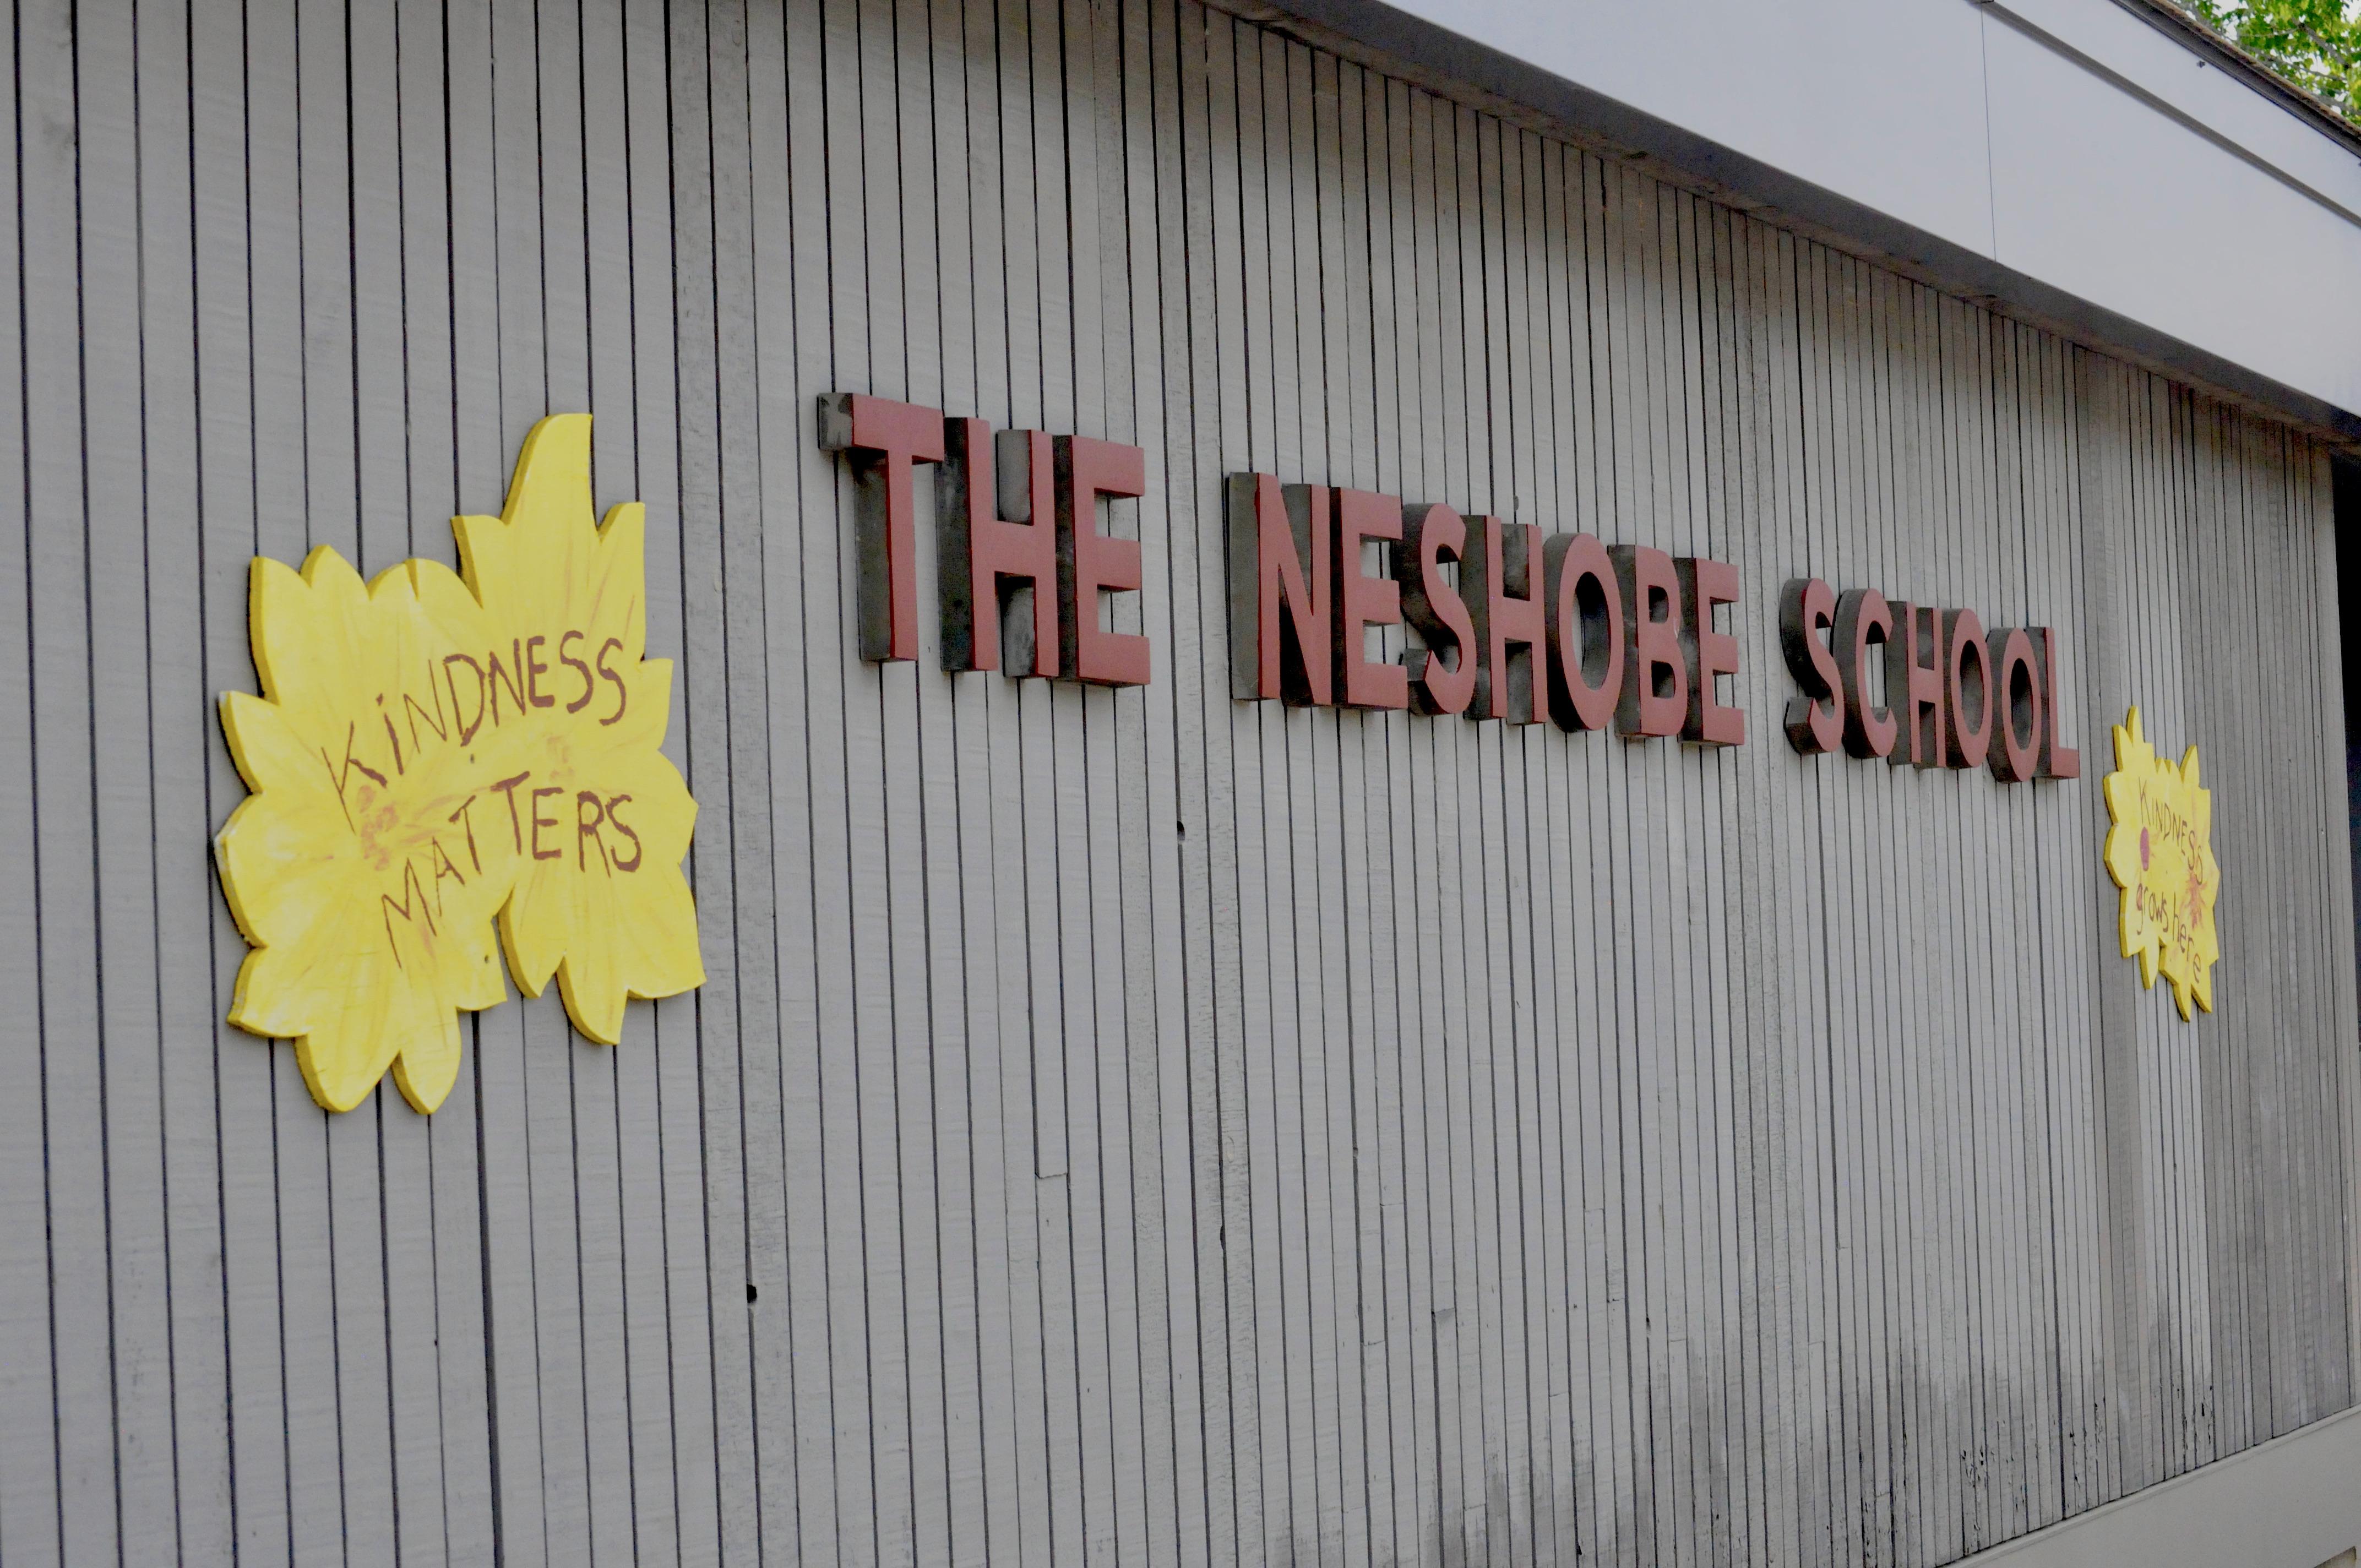 Neshobe Elementary School